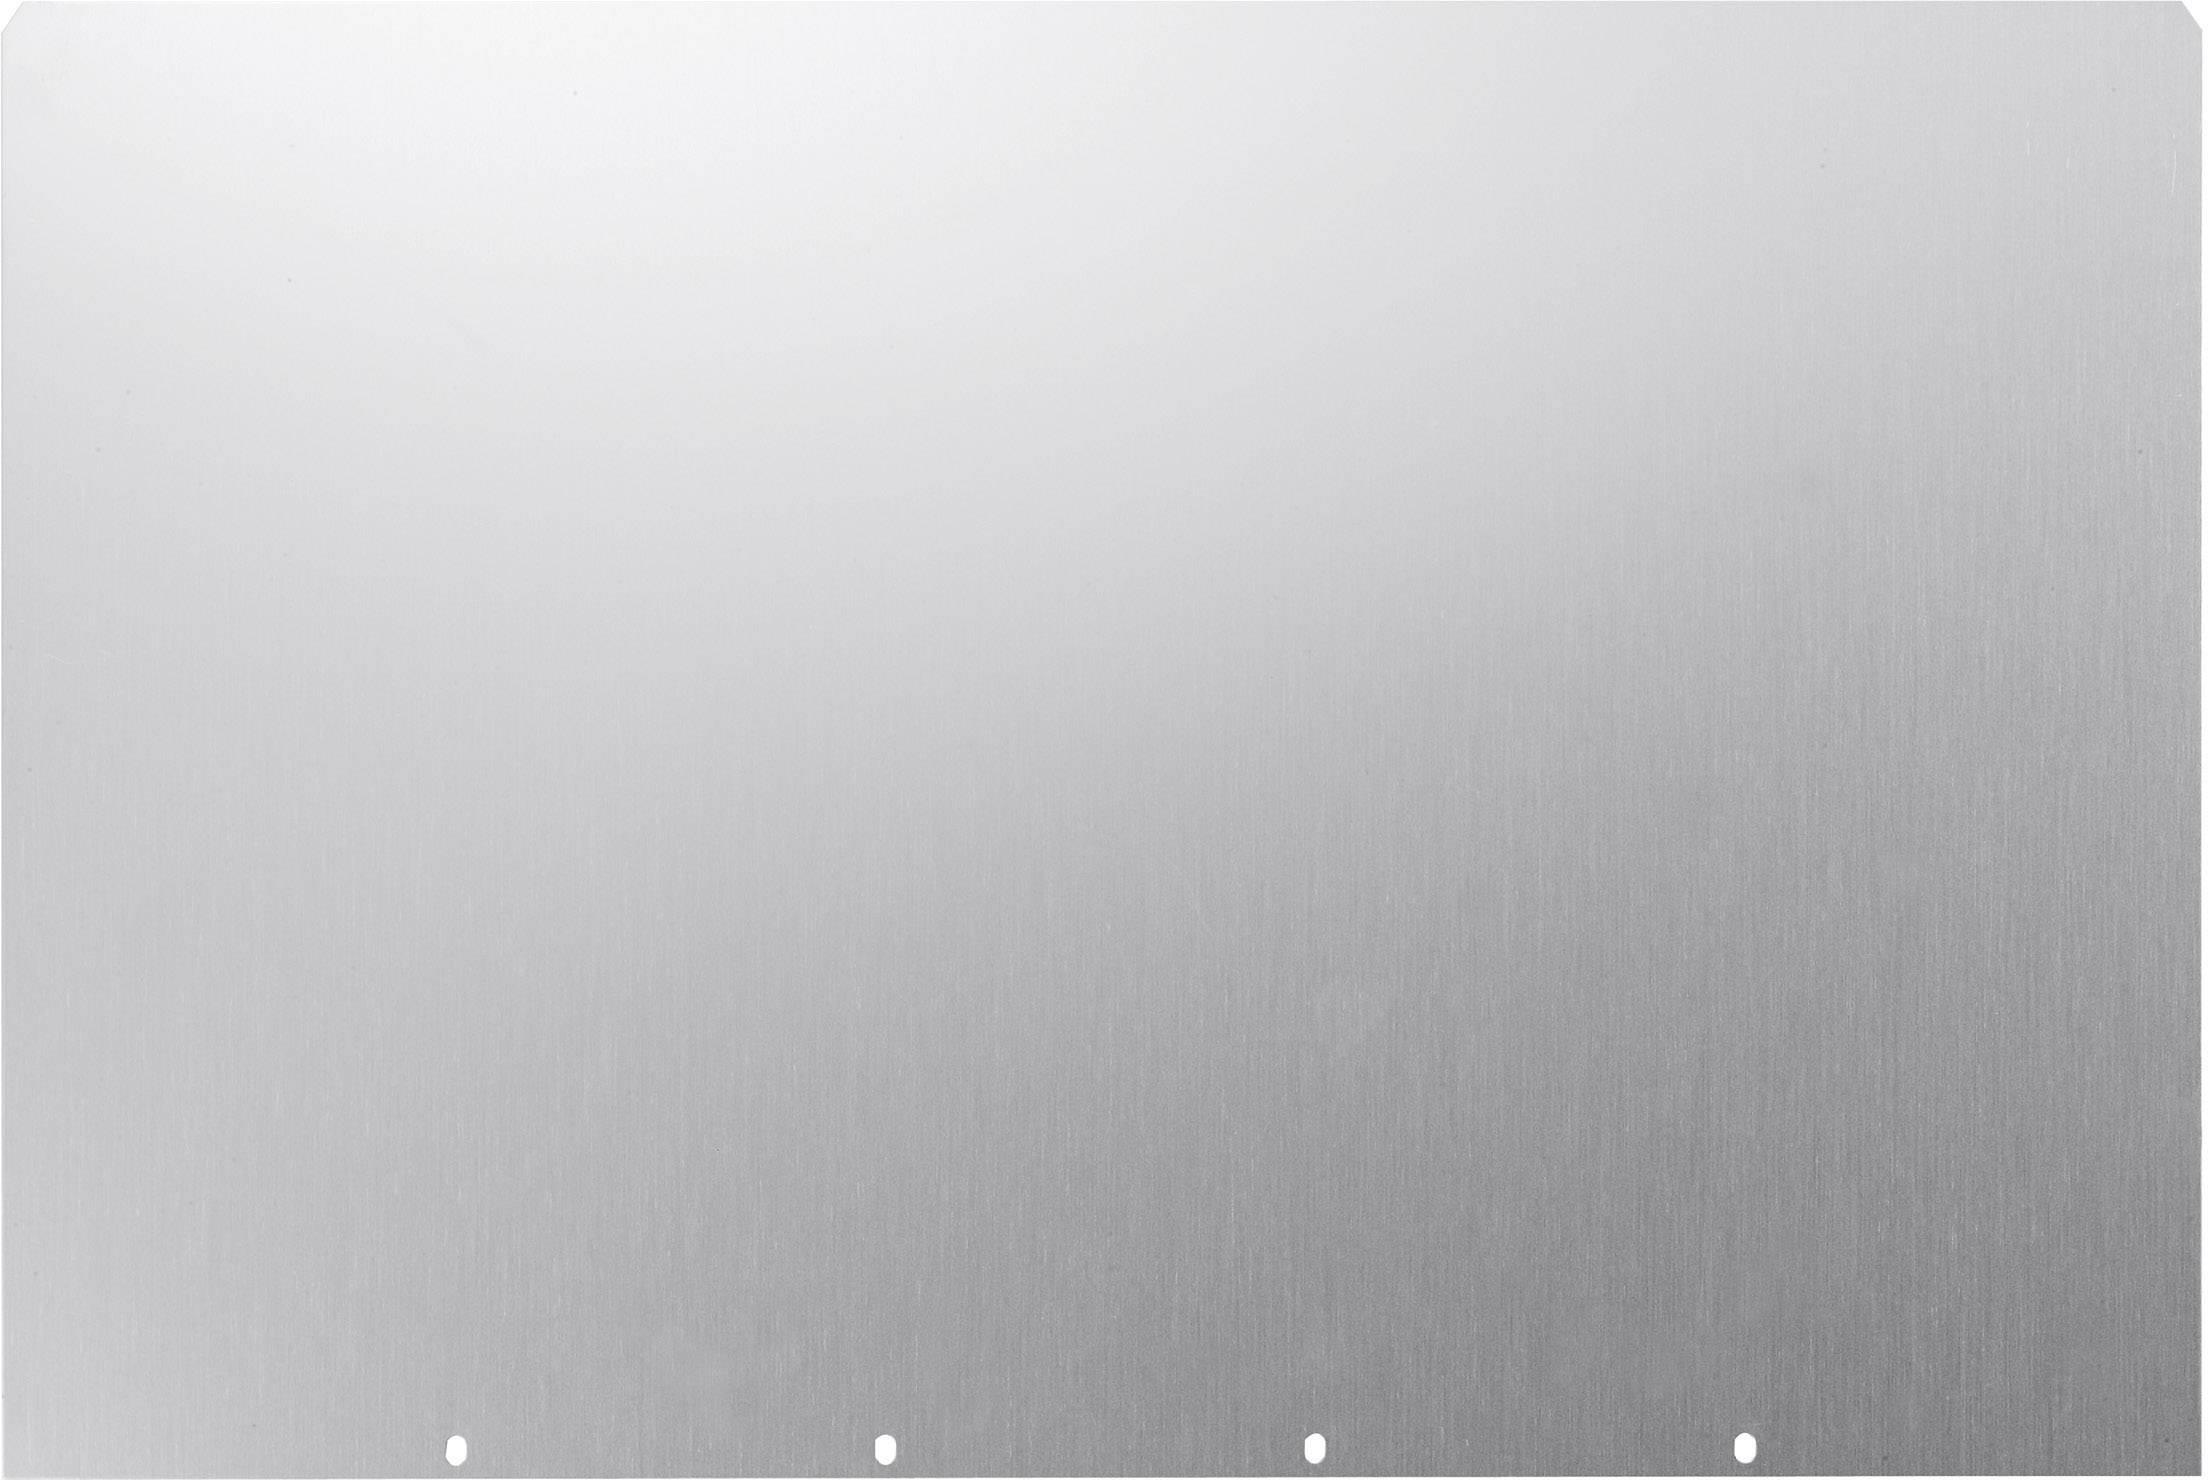 Krycí plech Schroff multipacPRO 30860-503, (š x v x h) 412 x 1 x 340 mm, 1 ks